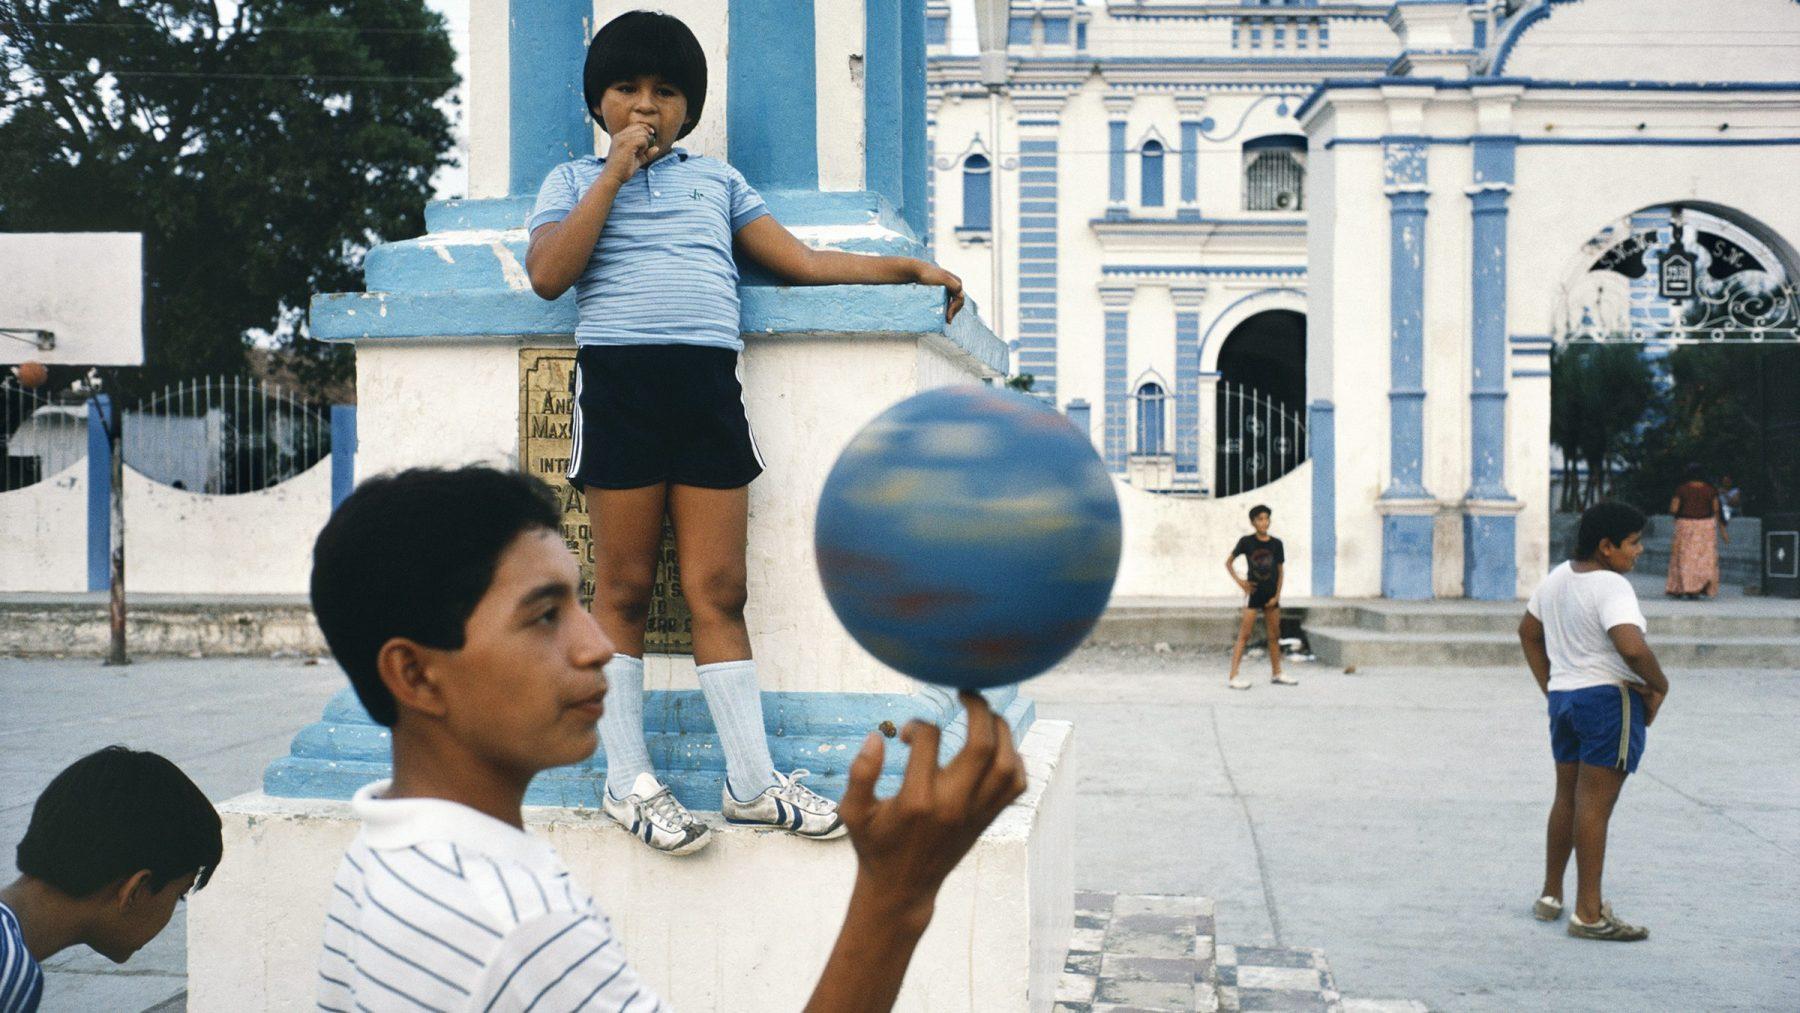 Tehuantepec, Oaxaca, 1985 (Alex Webb/Magnum Photos)